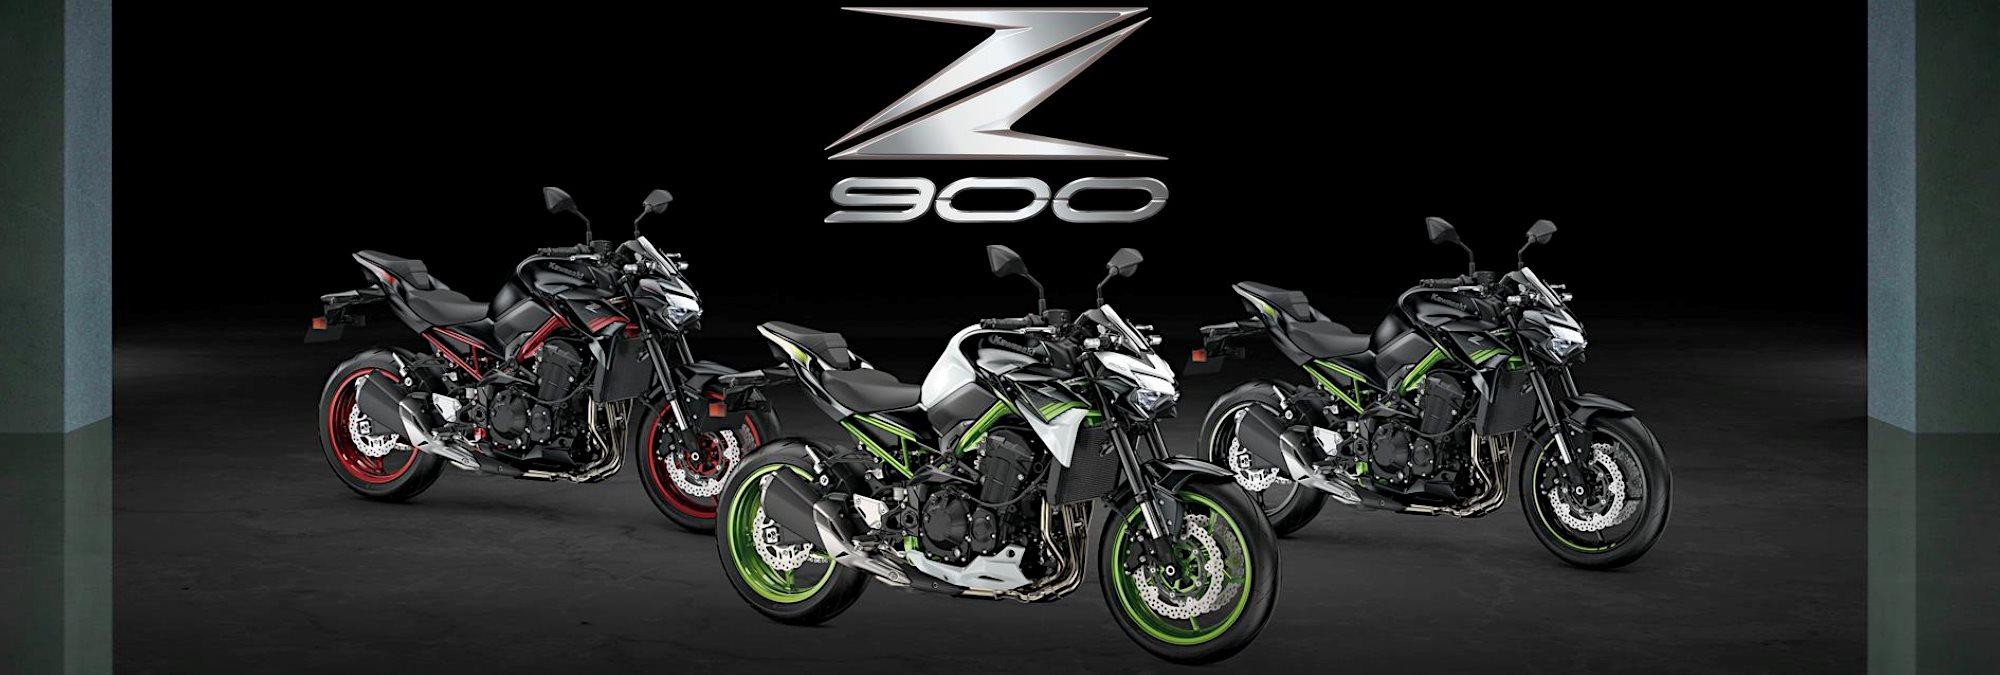 Z900 - neue Farben 2021